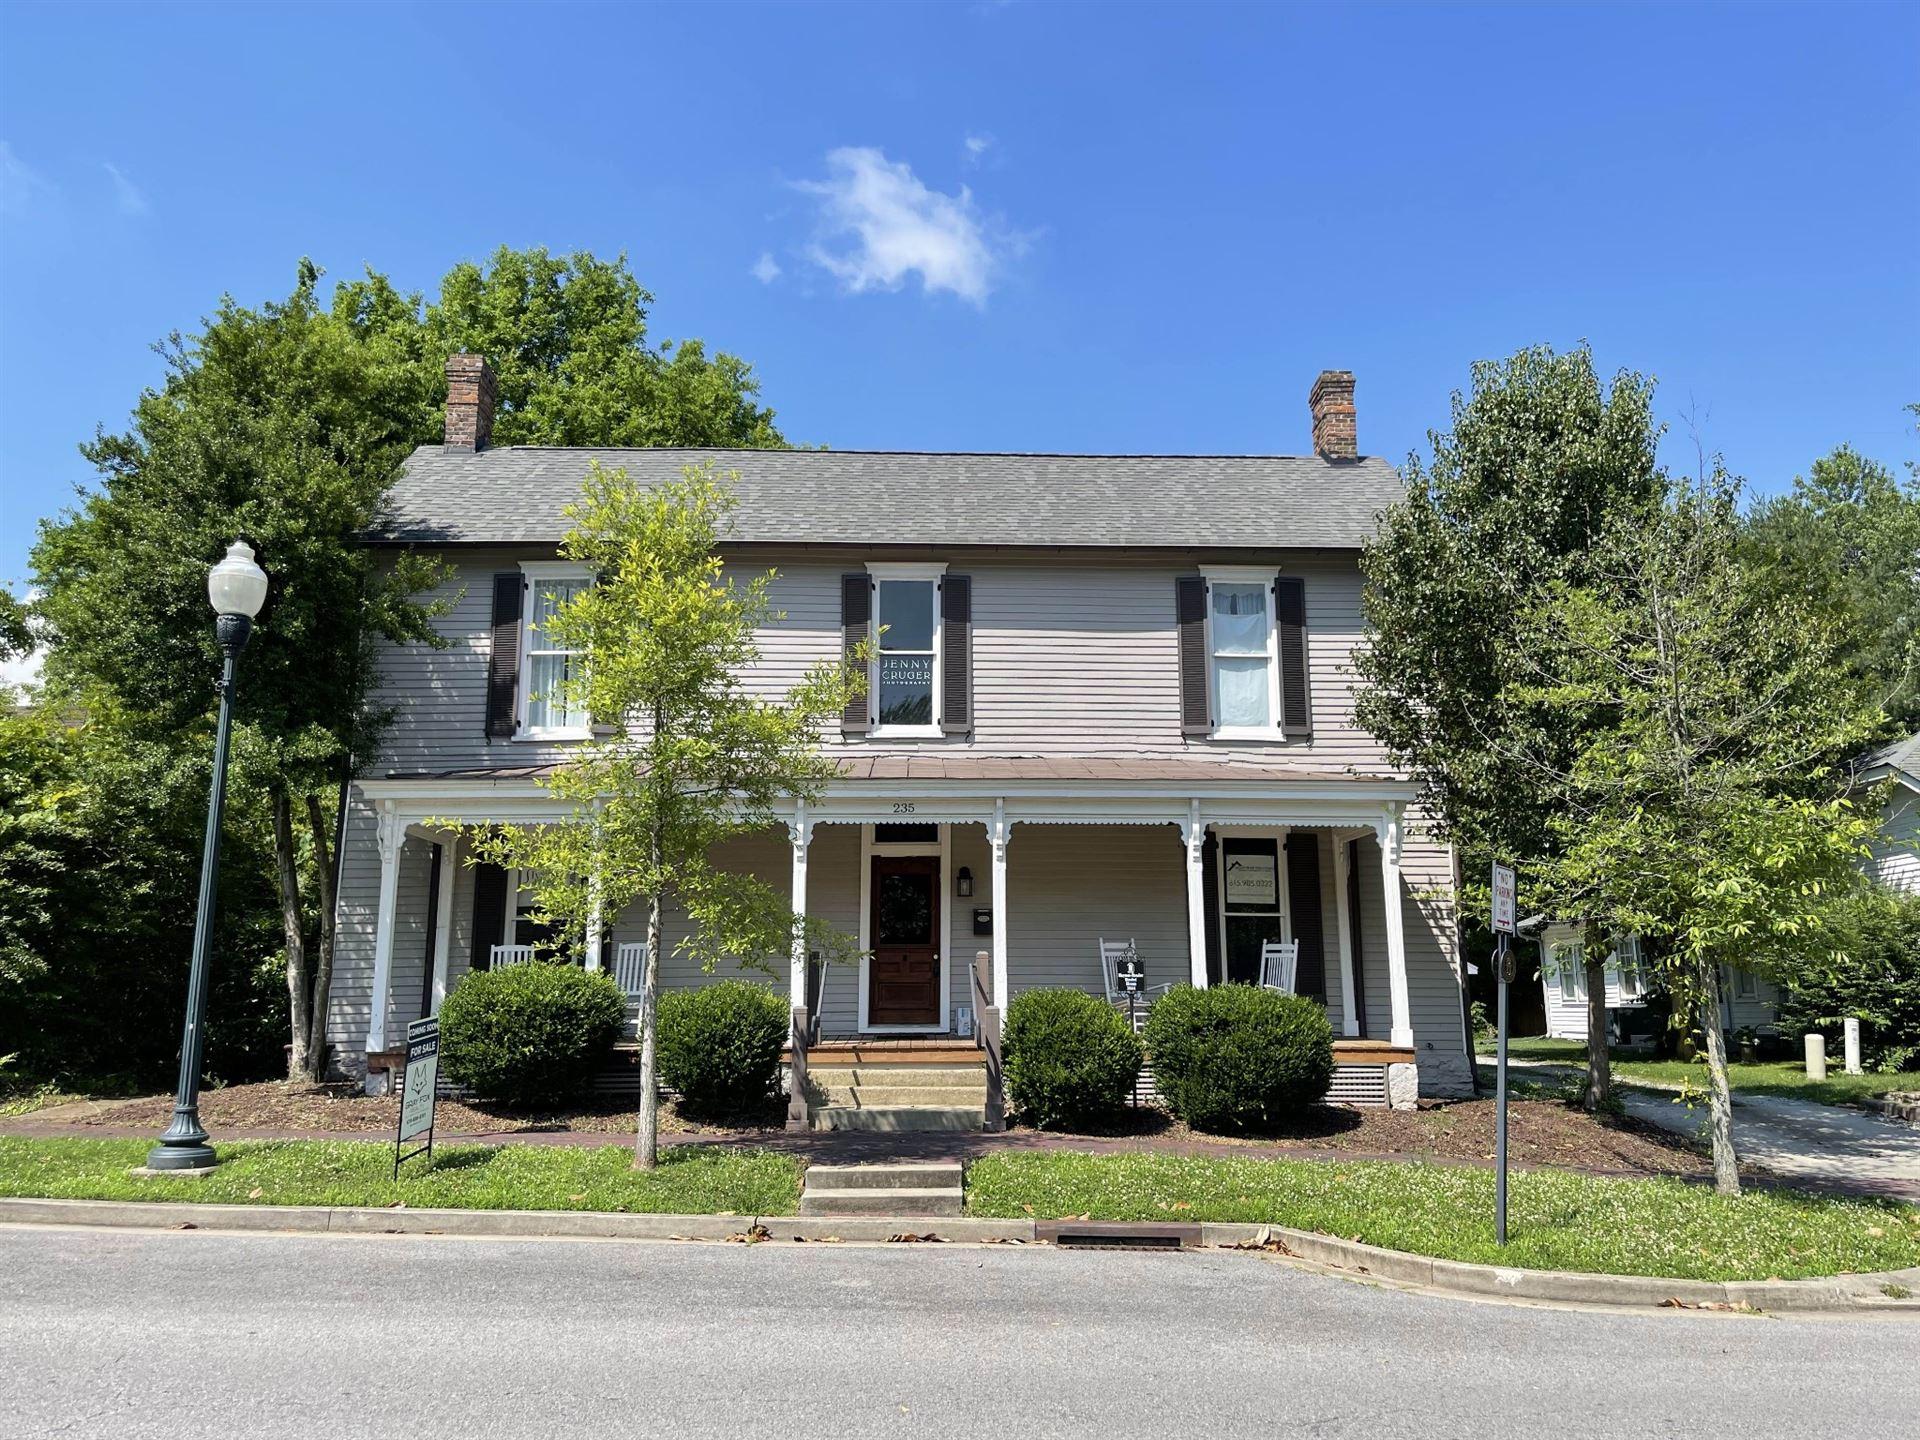 235 3rd Ave N, Franklin, TN 37064 - MLS#: 2263215